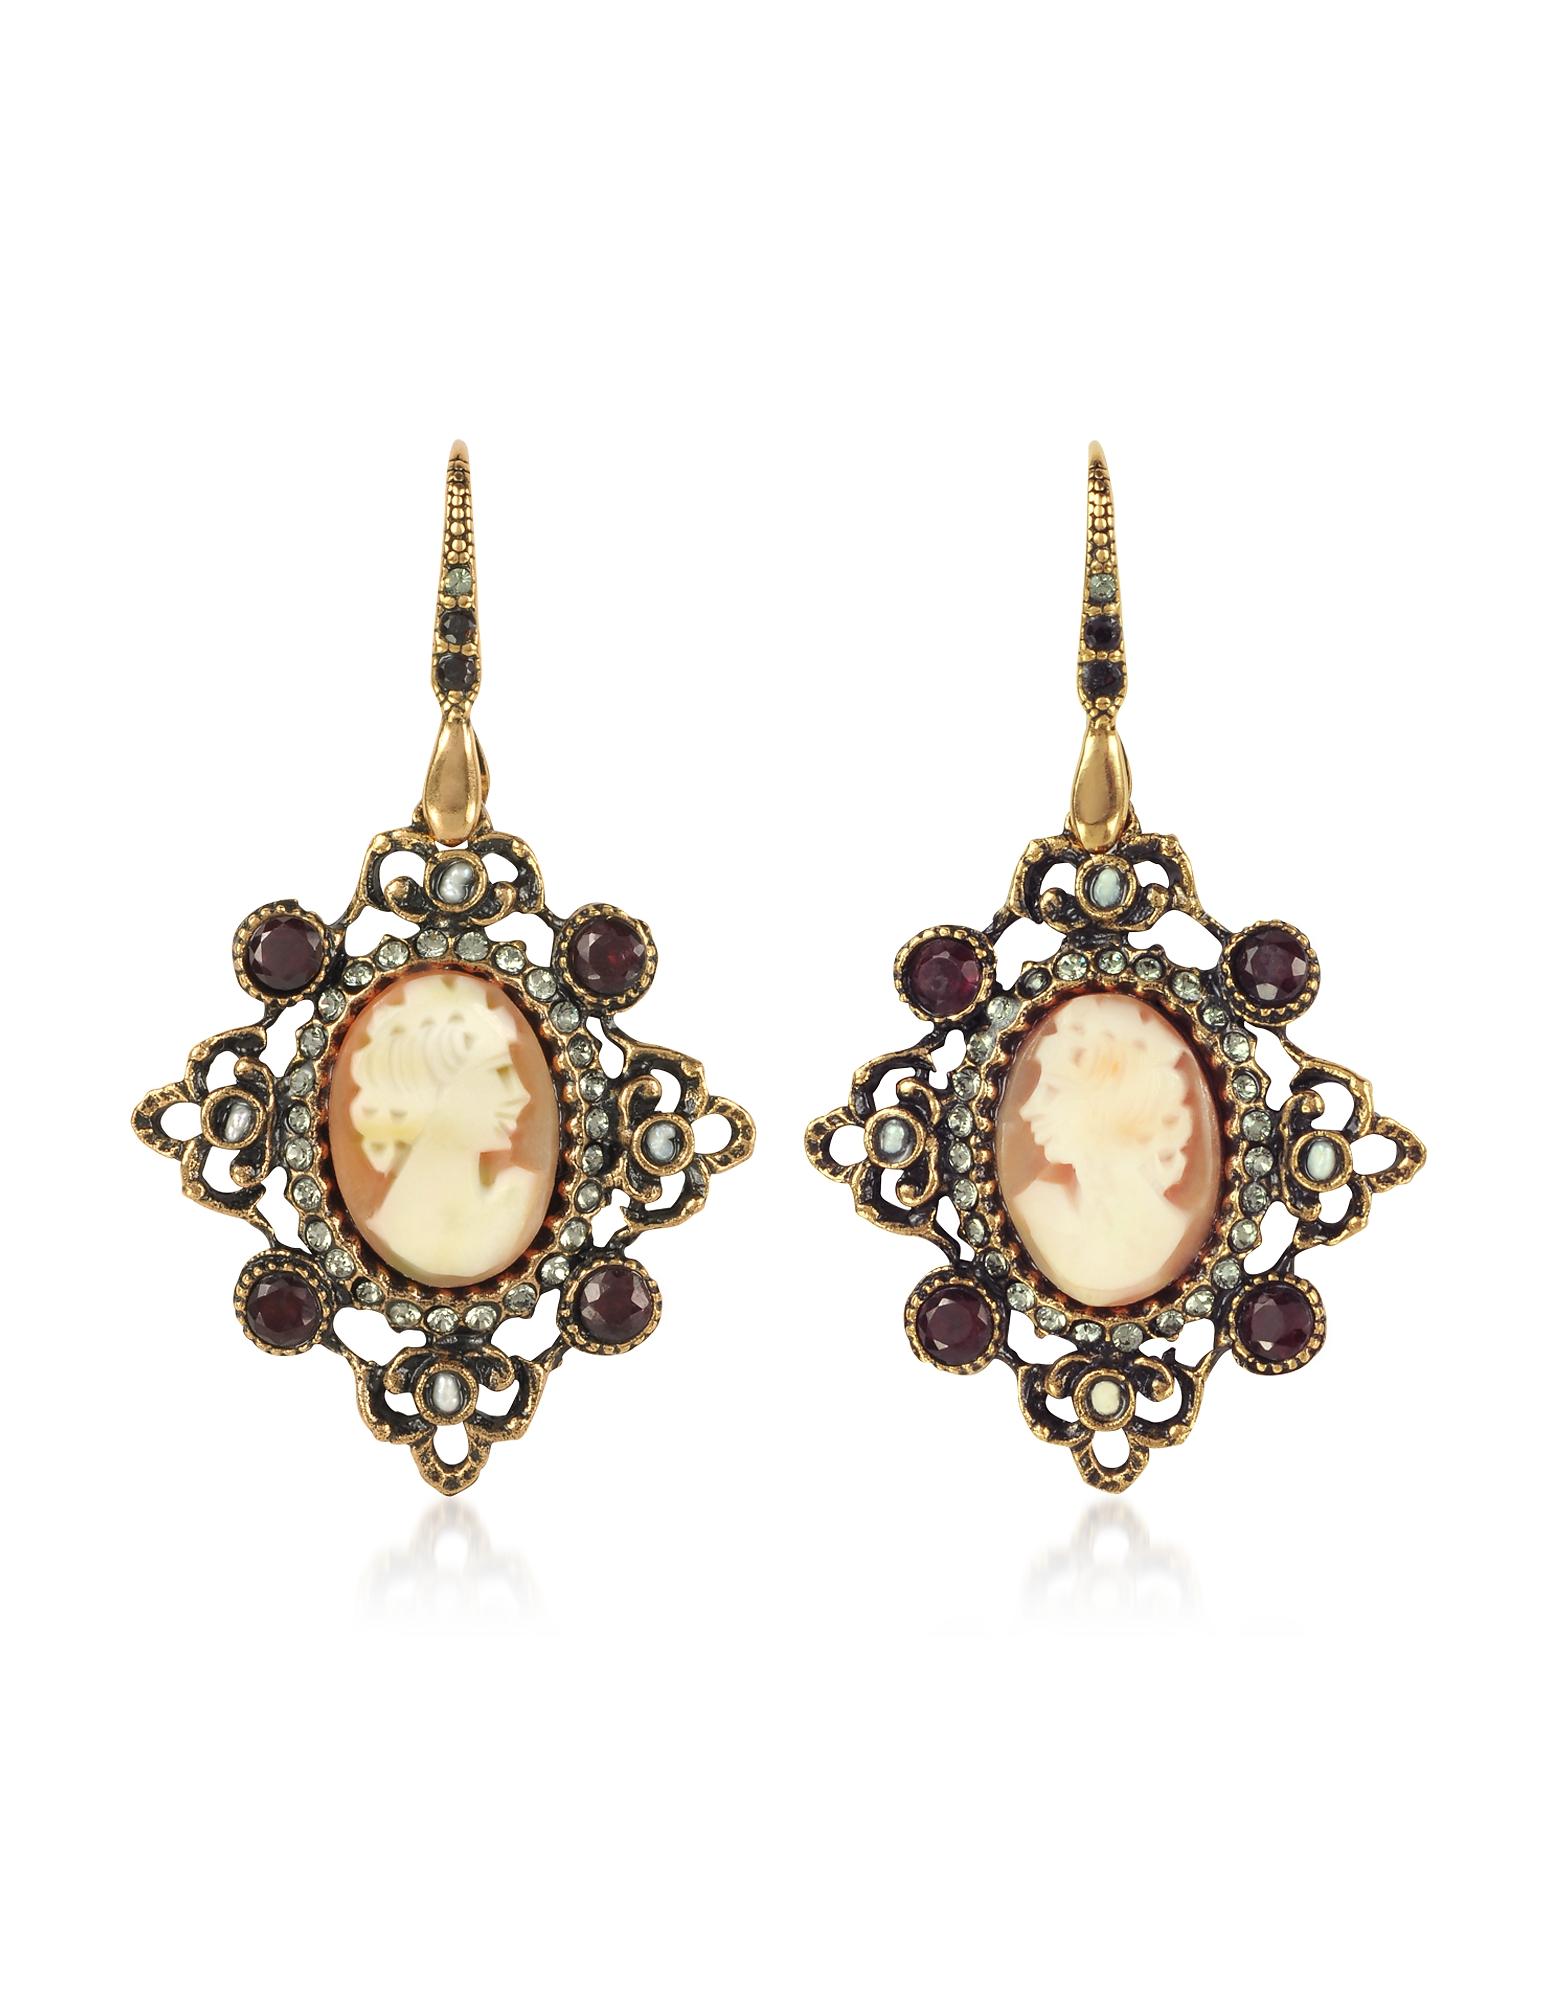 Alcozer & J  Earrings Cameo Earrings W/ Baroque Frame